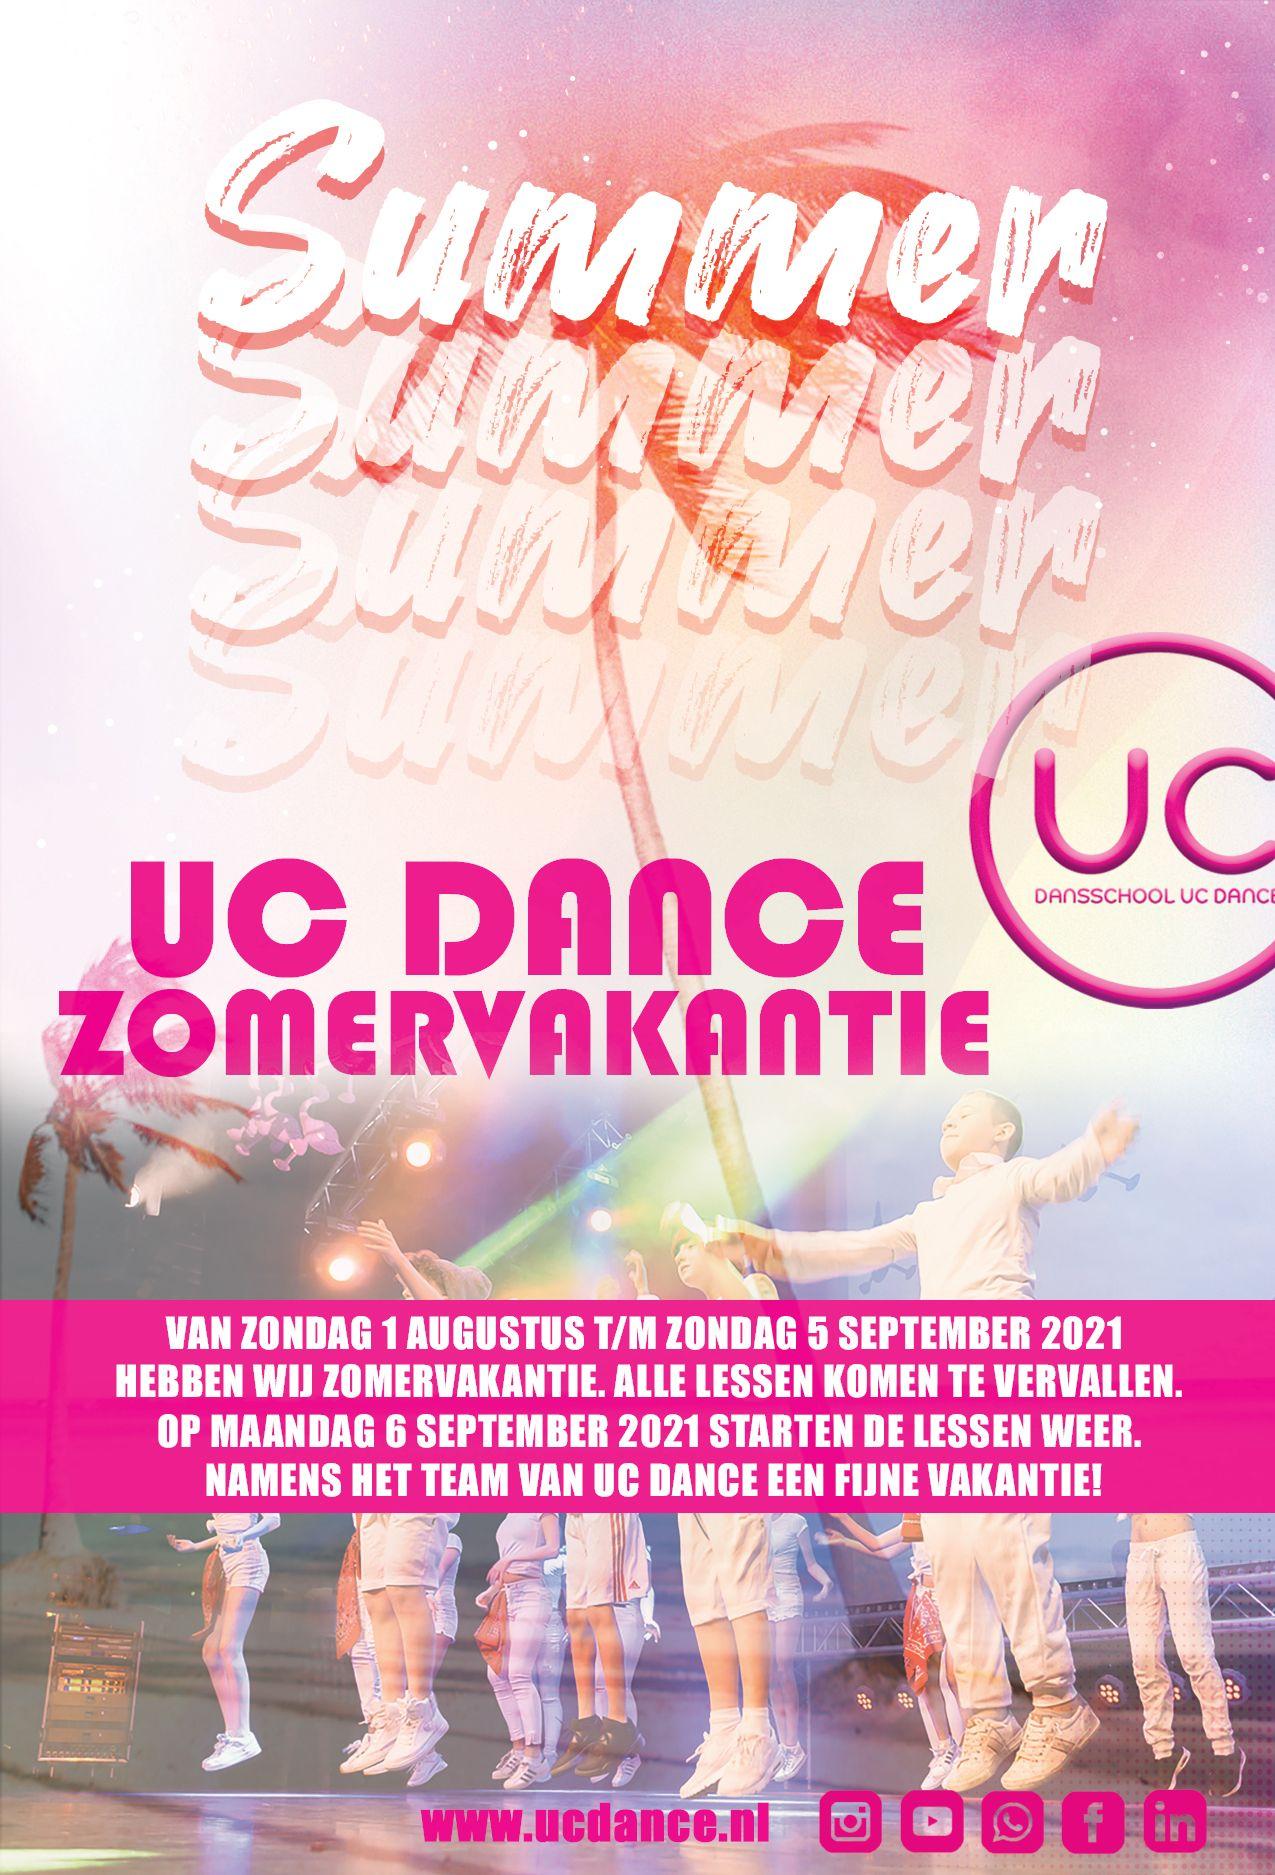 Zomervakantie 2021 UC Dance